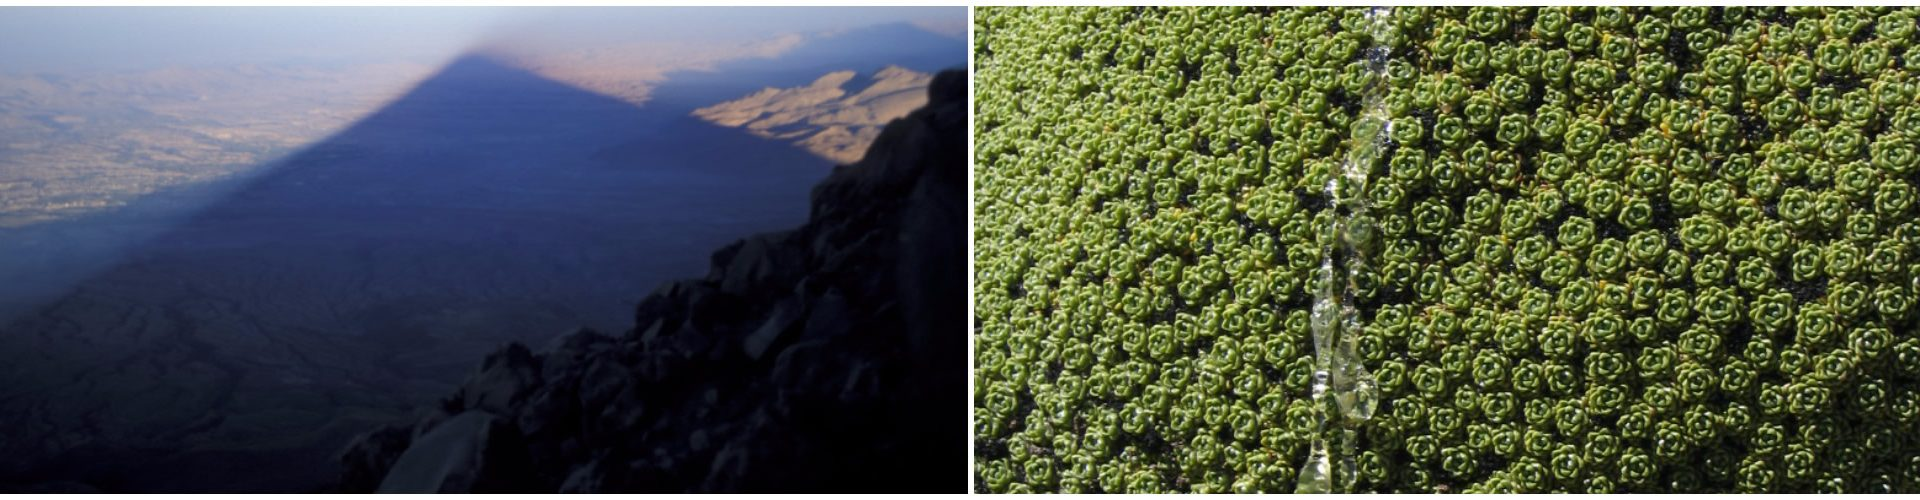 L'ombra del Misti su Arequipa. La Lareta (Laretia compacta) trasuda gocce di resina.